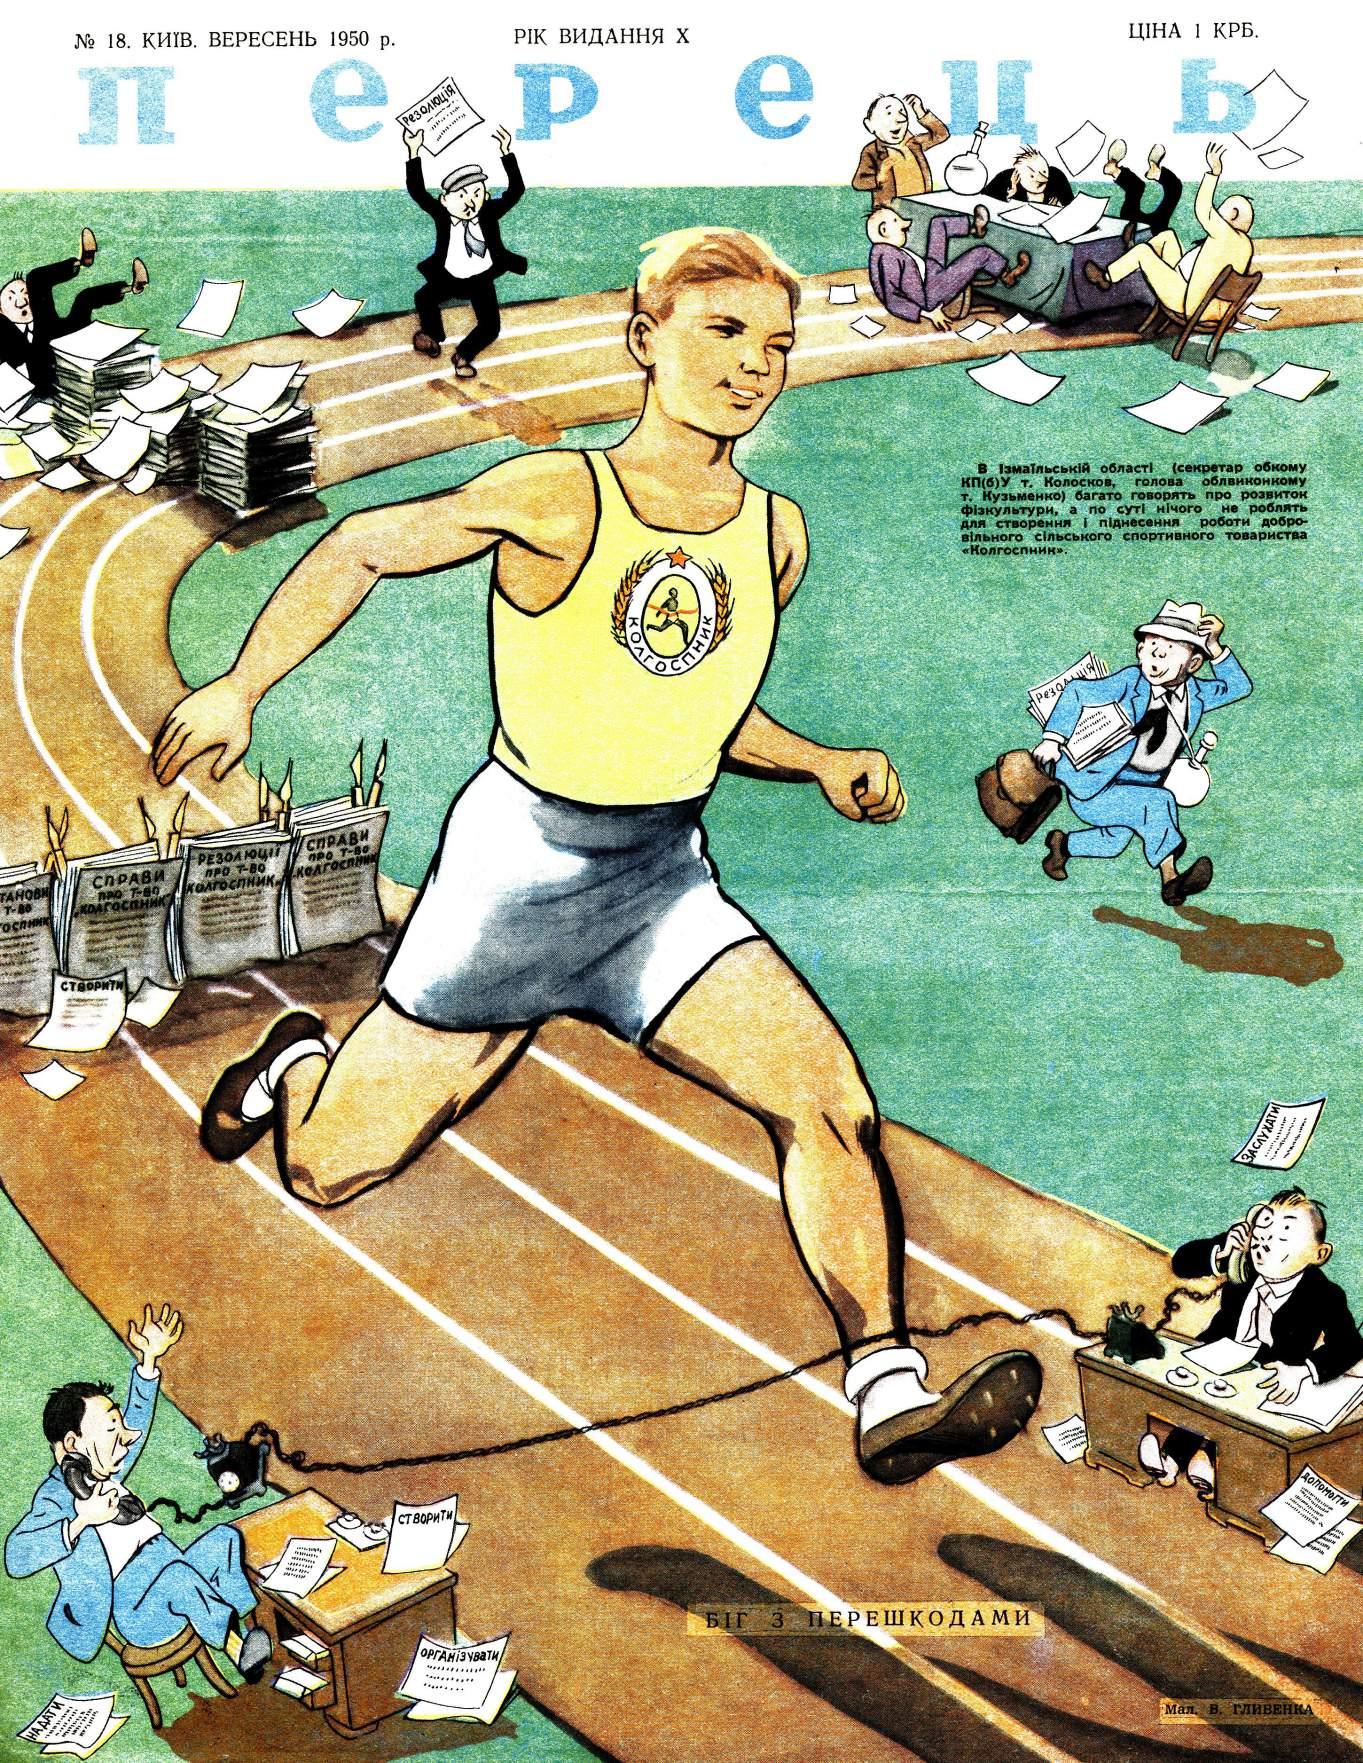 Журнал перець 1950 №18